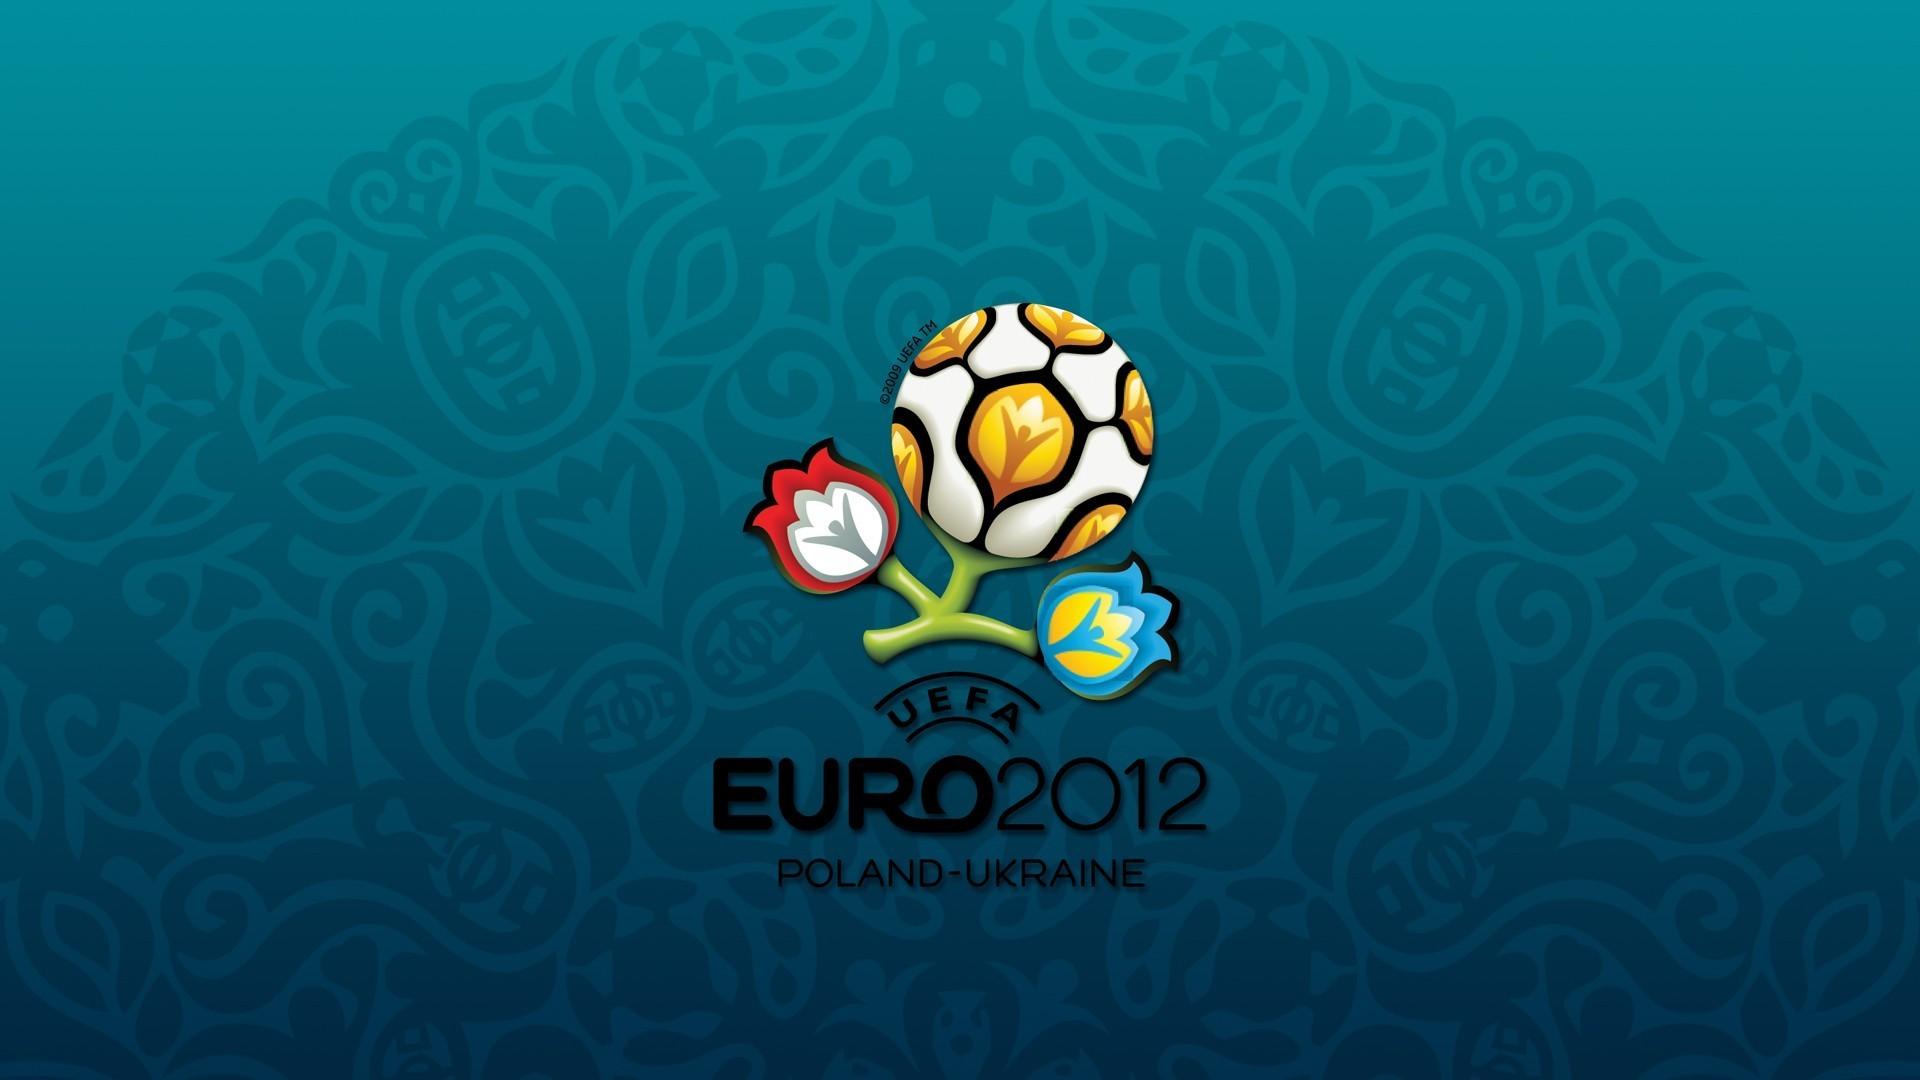 Res: 1920x1080, Uefa euro 2012 super champions league football wallpaper